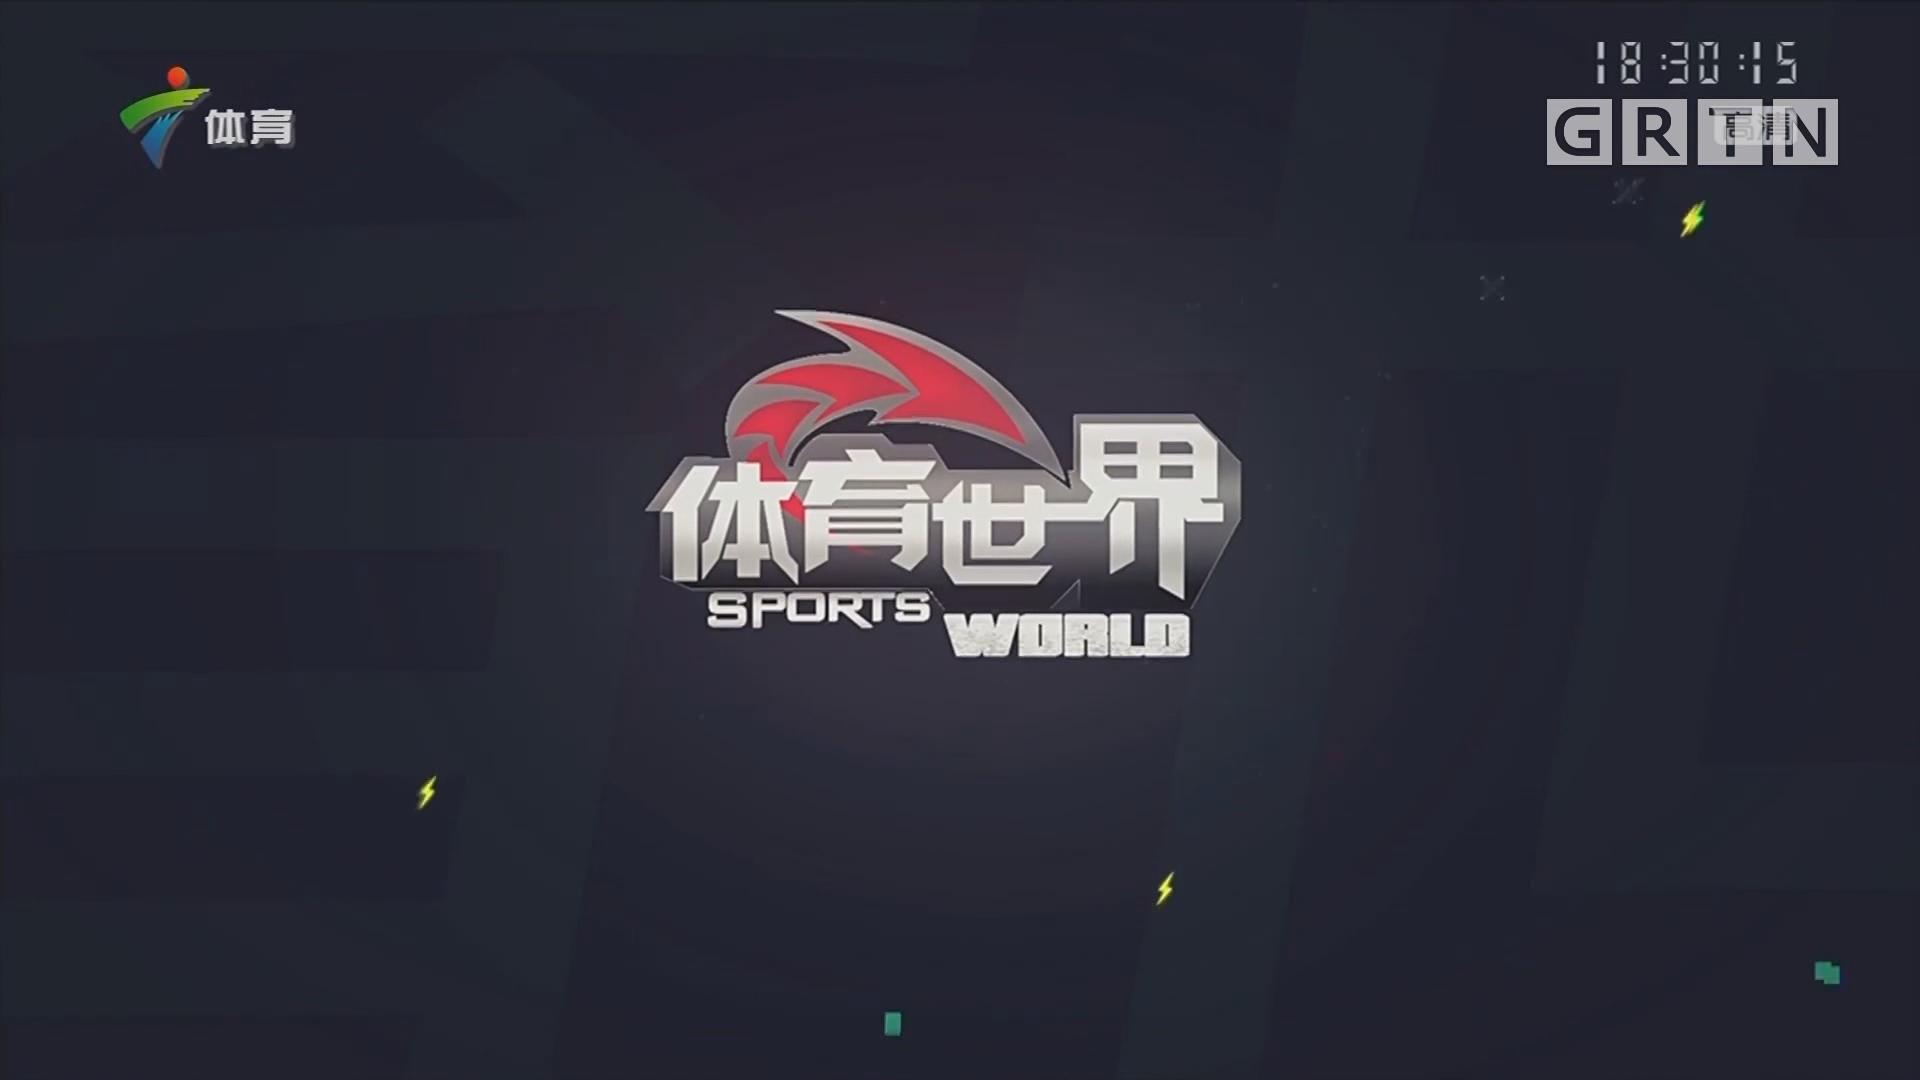 [HD][2019-02-18]体育世界:张可欣摘得自由式滑雪U型场地赛铜牌